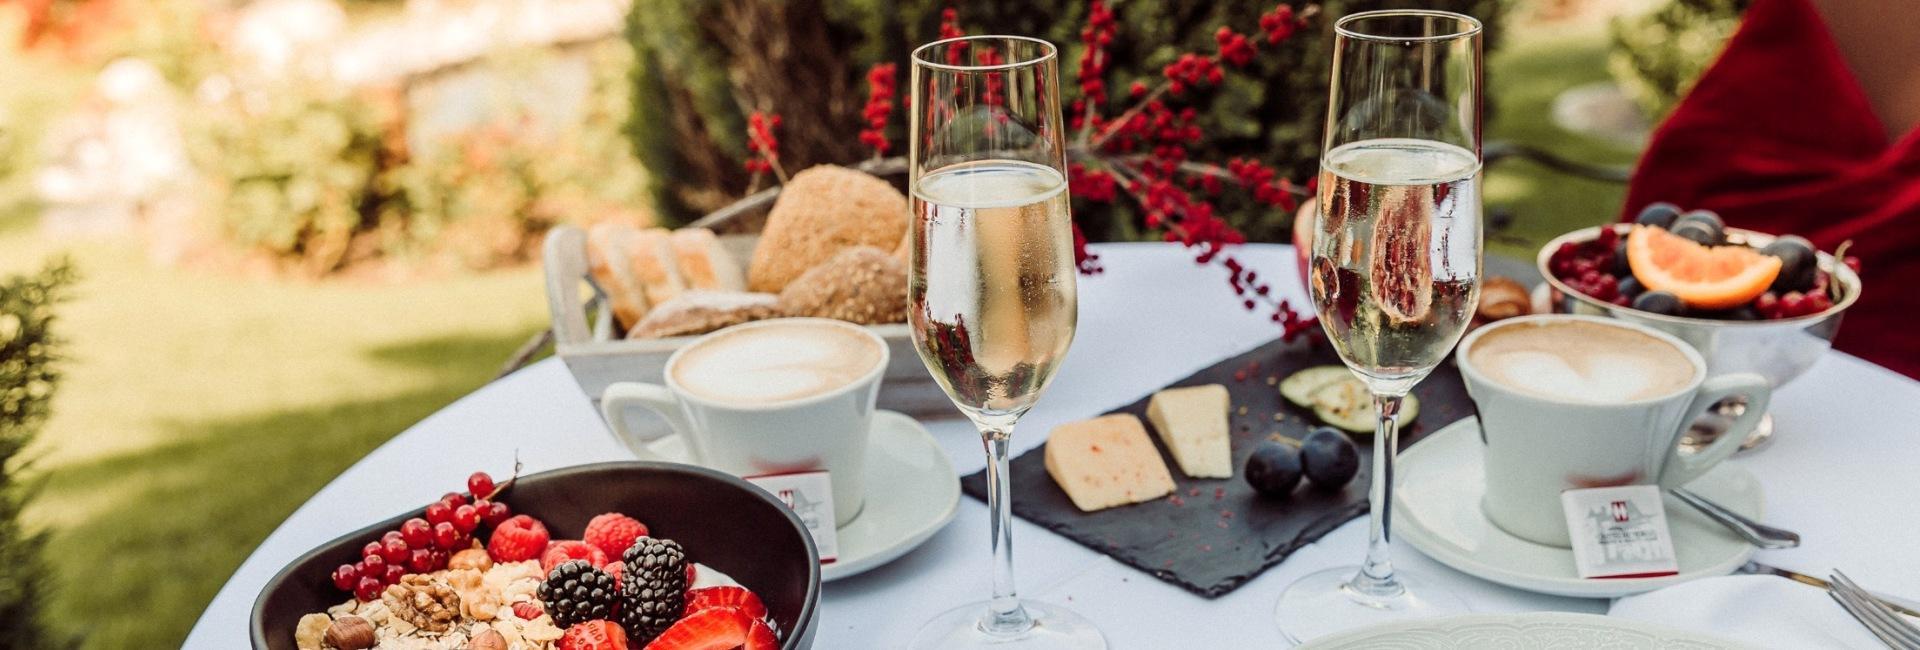 Breakfast at Hotel Castel Rundegg in Merano